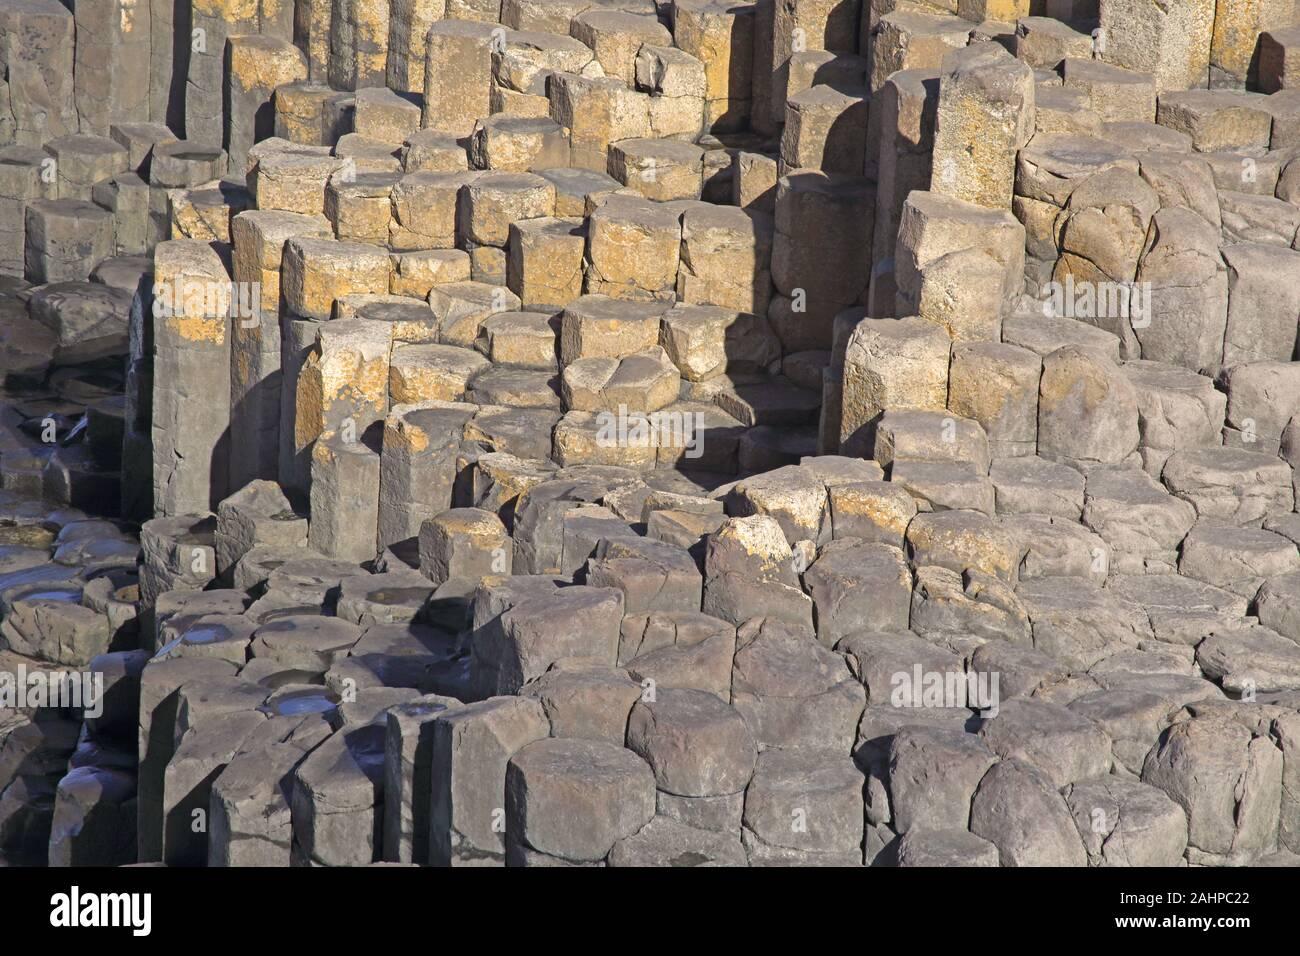 Enormes columnas de basalto de la Calzada del Gigante, Condado de Antrim, Irlanda del Norte, Reino Unido. Foto de stock